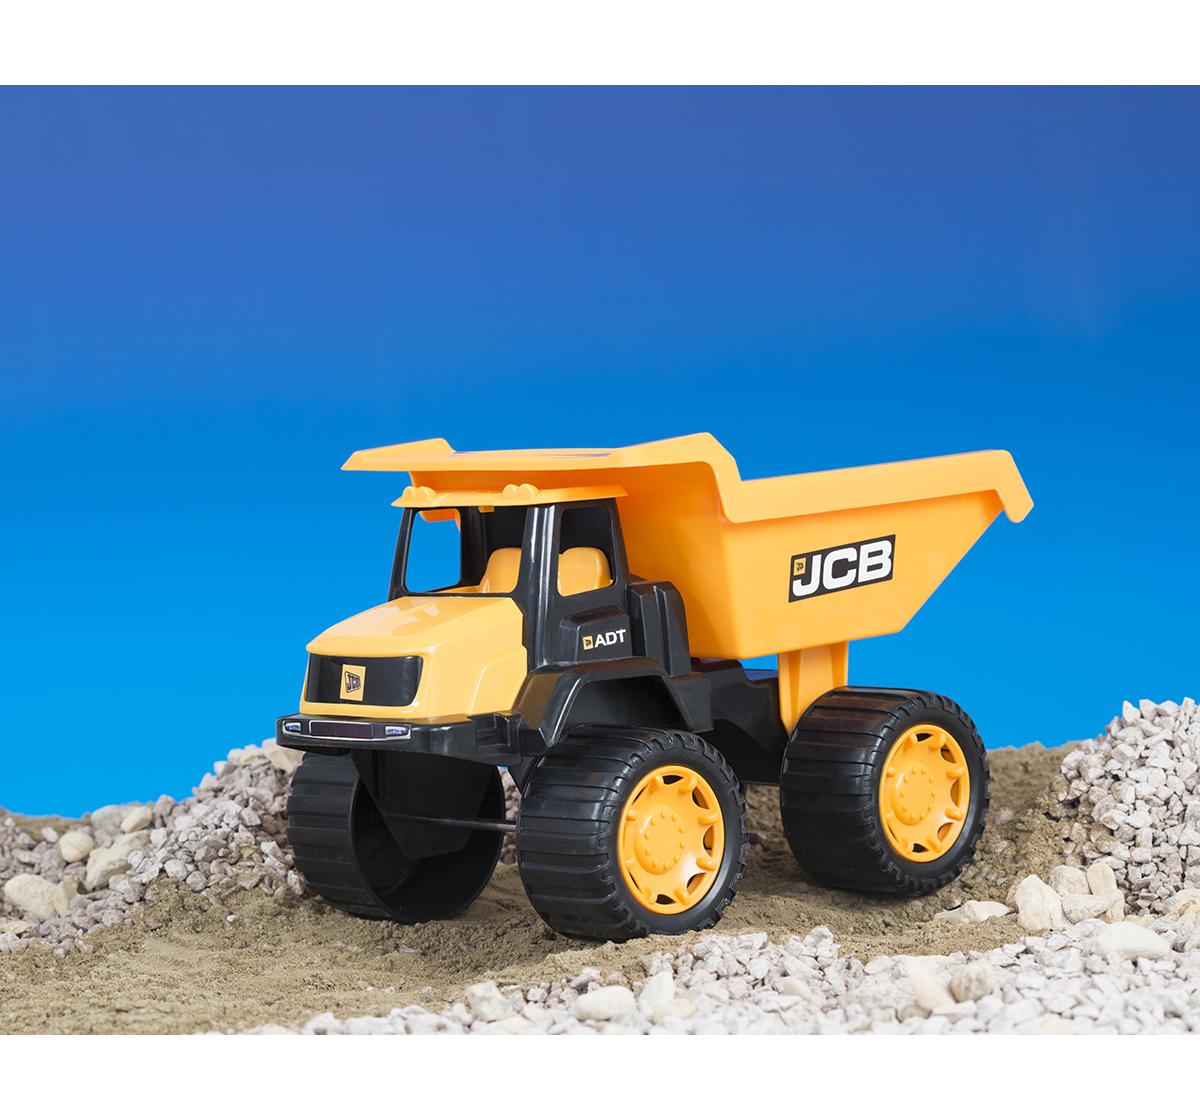 """Ralleyz   Ralleyz 14"""" DUMPTRUCK Vehicles for Kids age 3Y+"""